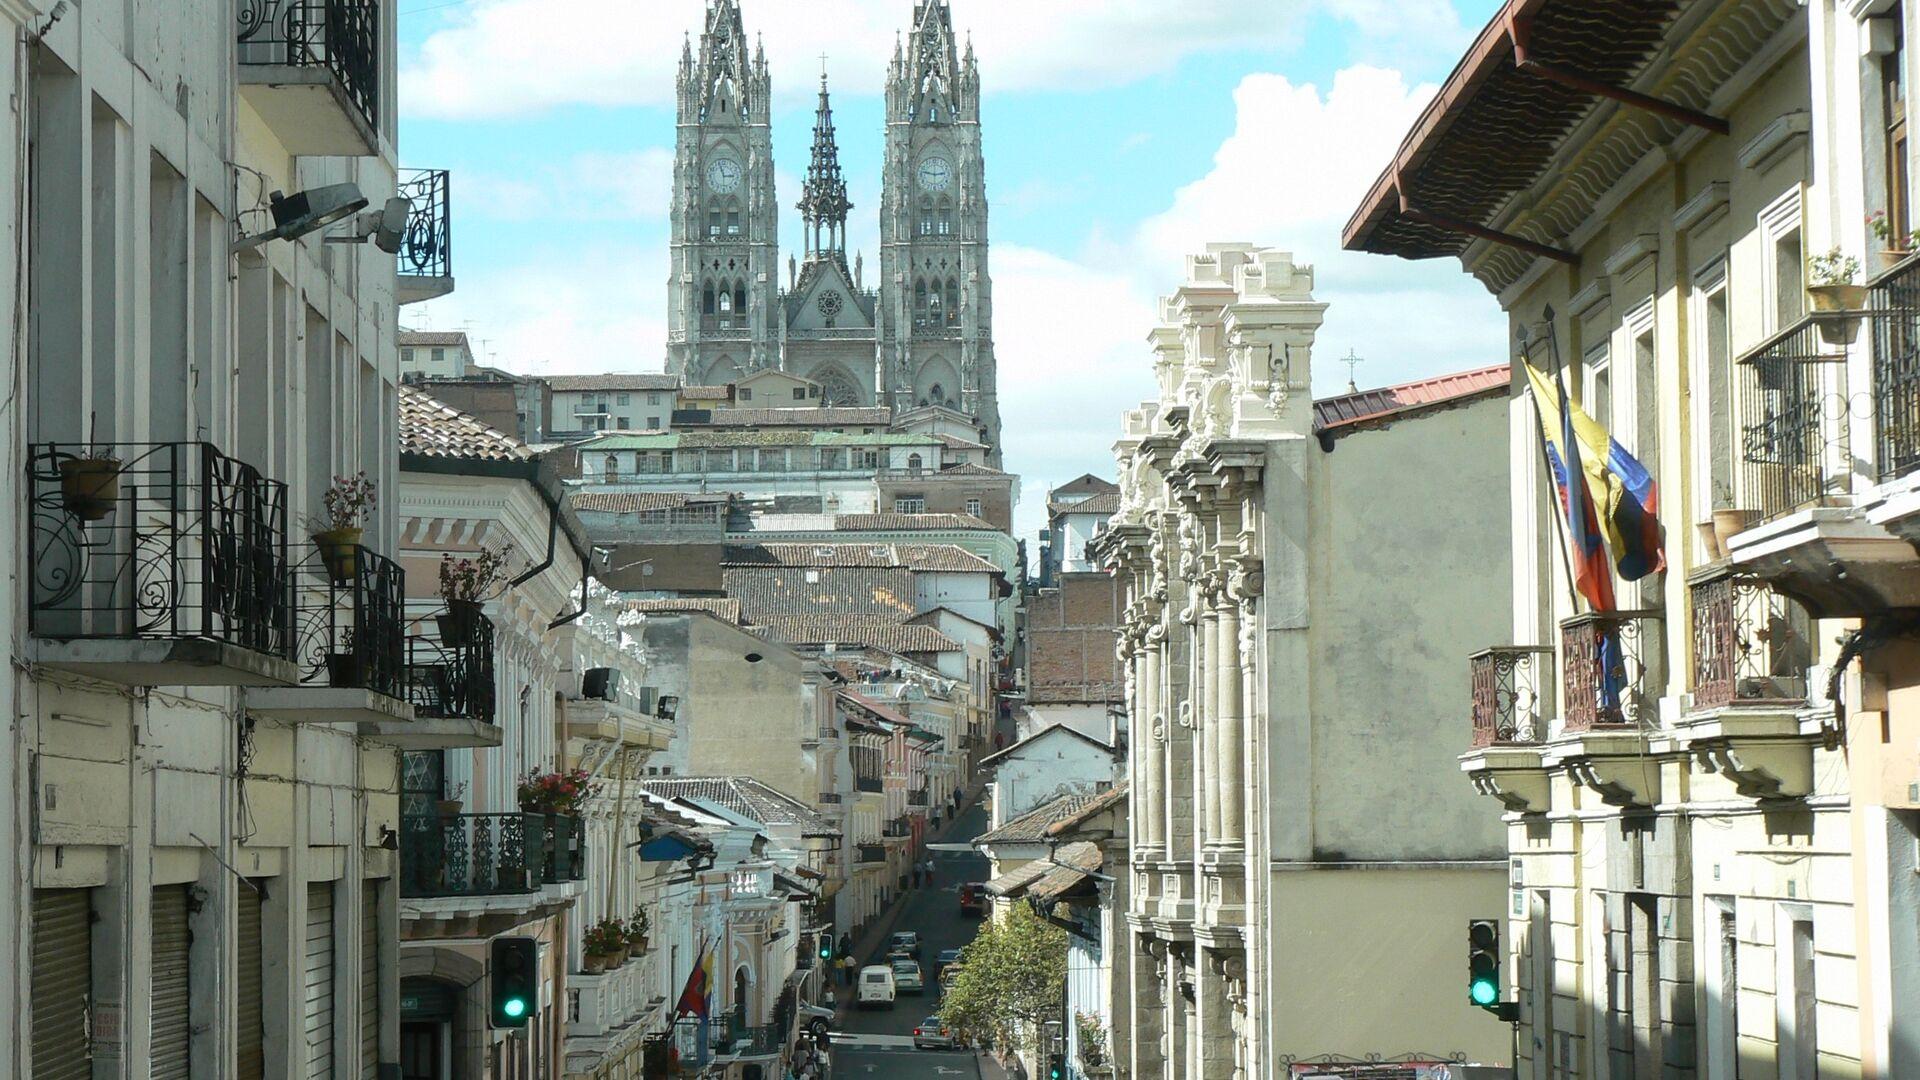 Casco histórico de Quito, capital de Ecuador - Sputnik Mundo, 1920, 30.03.2021